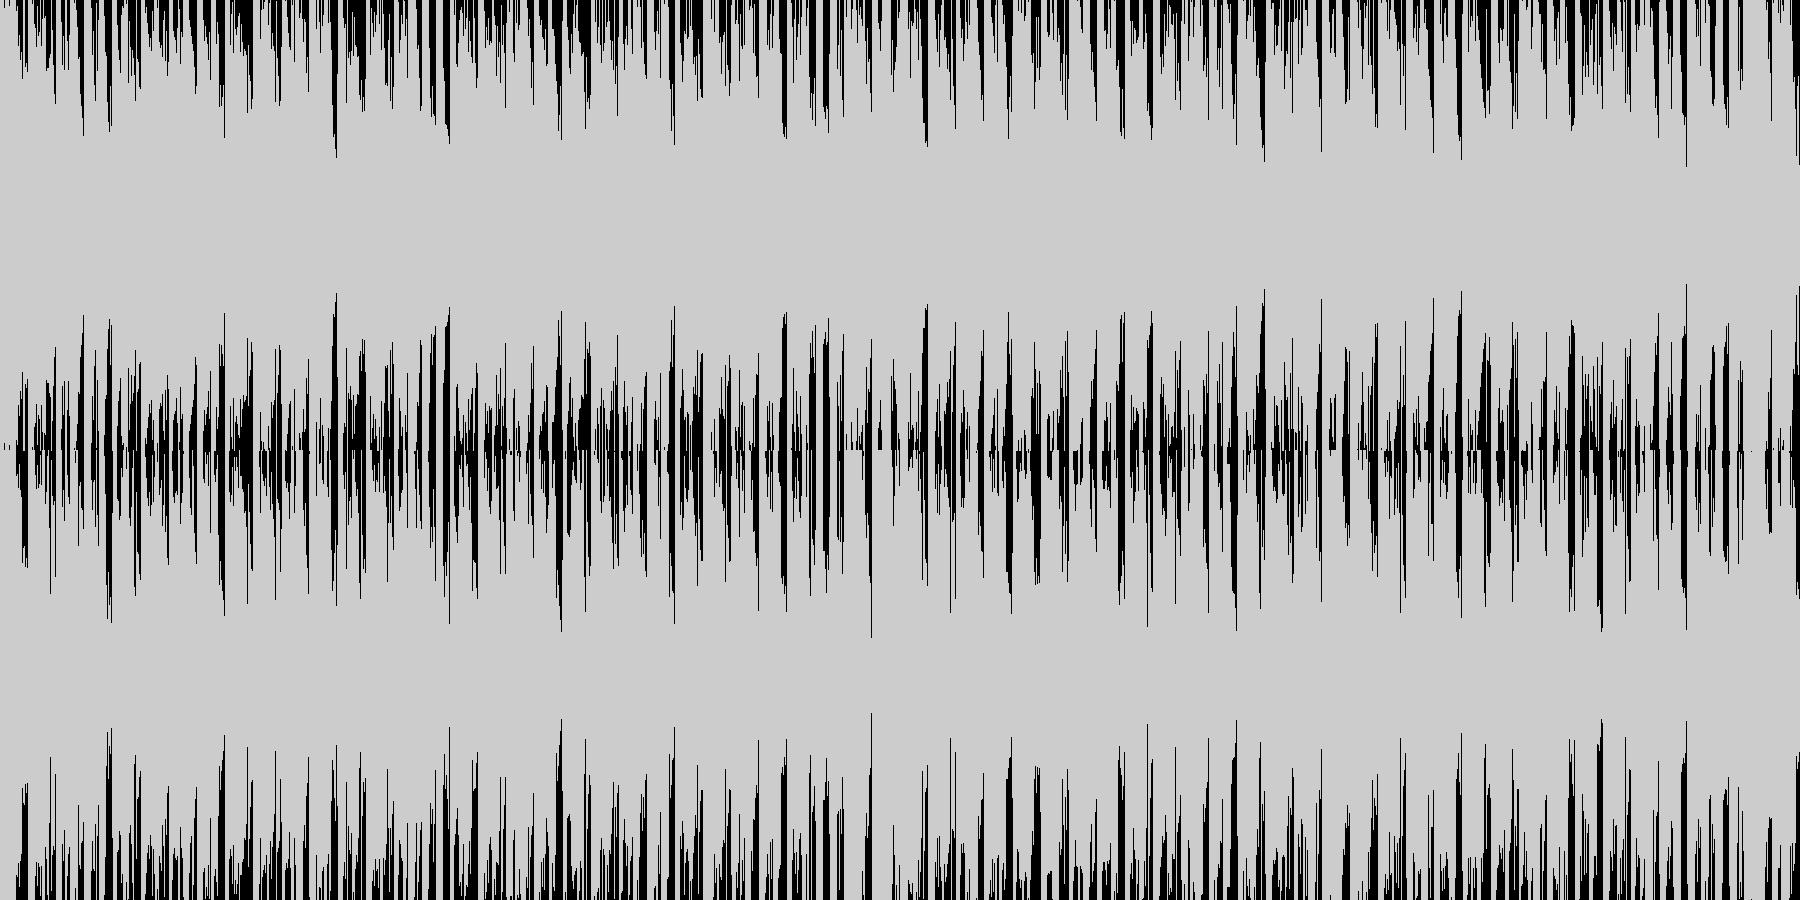 ジングルベル スキャット入り1 ループの未再生の波形